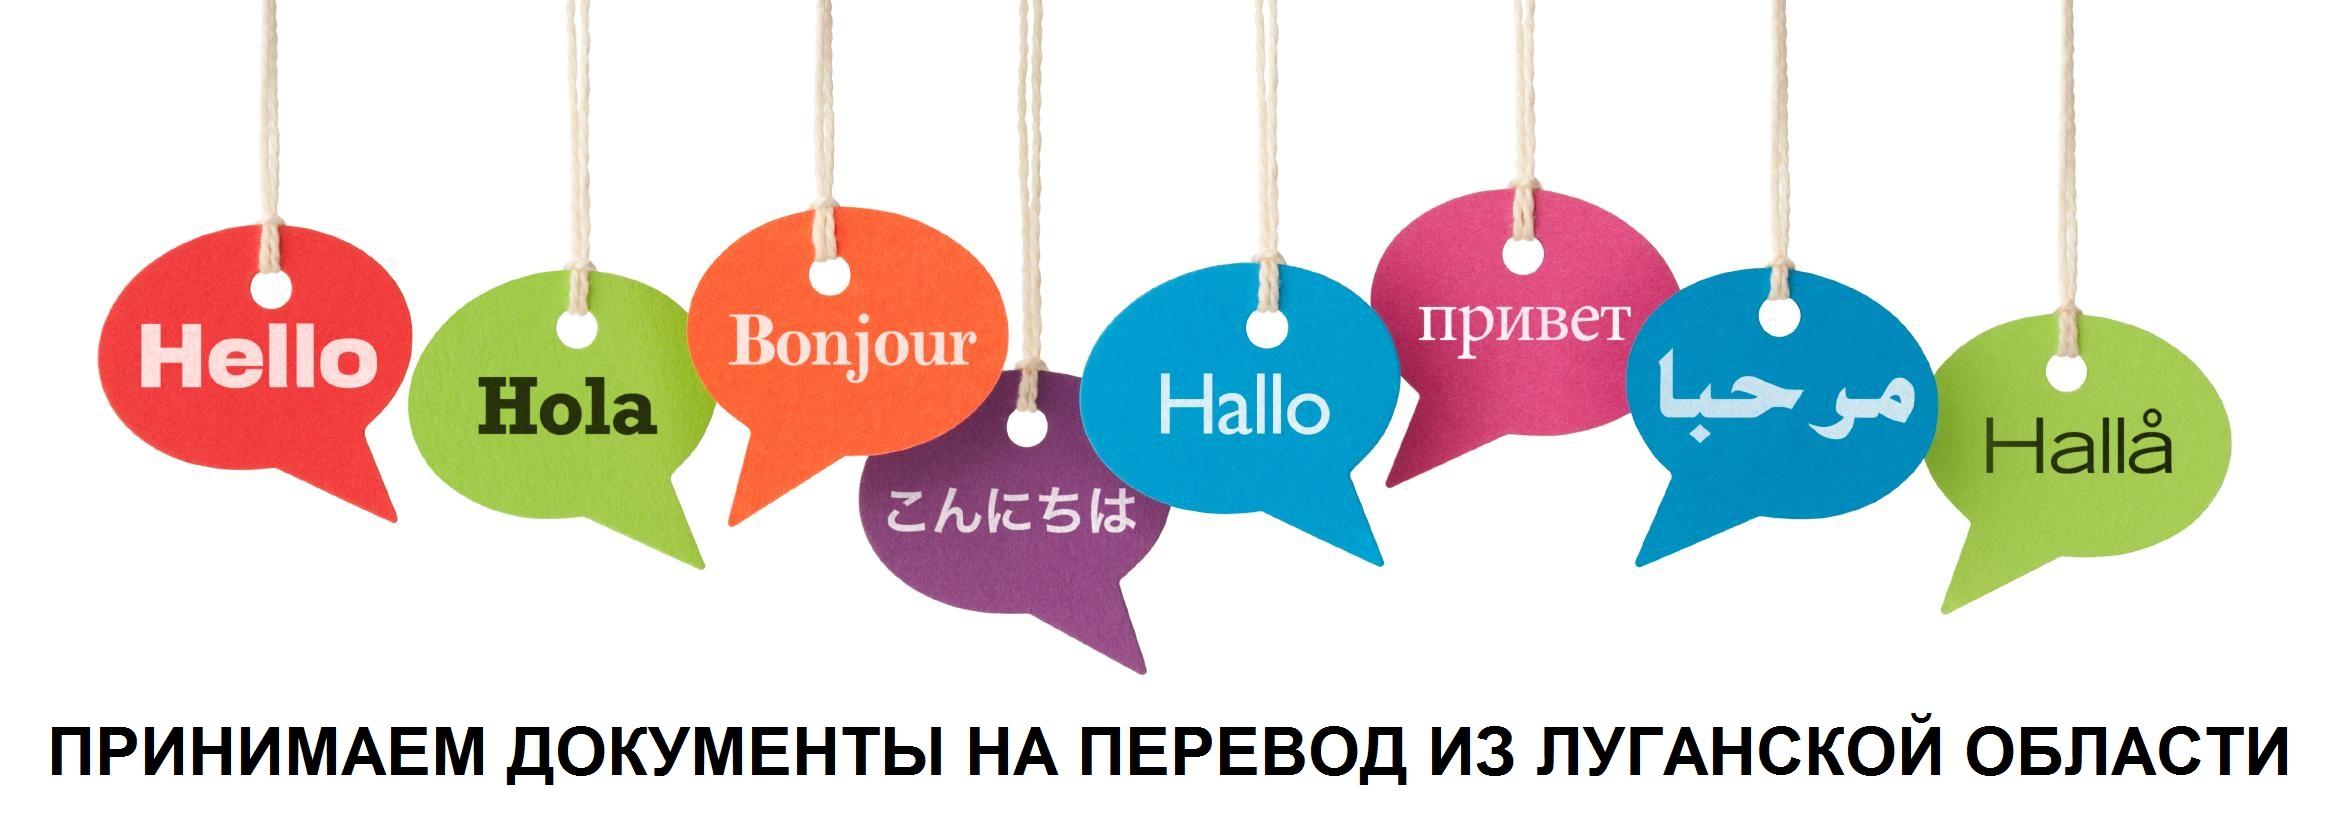 ПРИНИМАЕМ ДОКУМЕНТЫ НА ПЕРЕВОД ИЗ ЛУГАНСКОЙ ОБЛАСТИ - SpravkaInform.com.ua